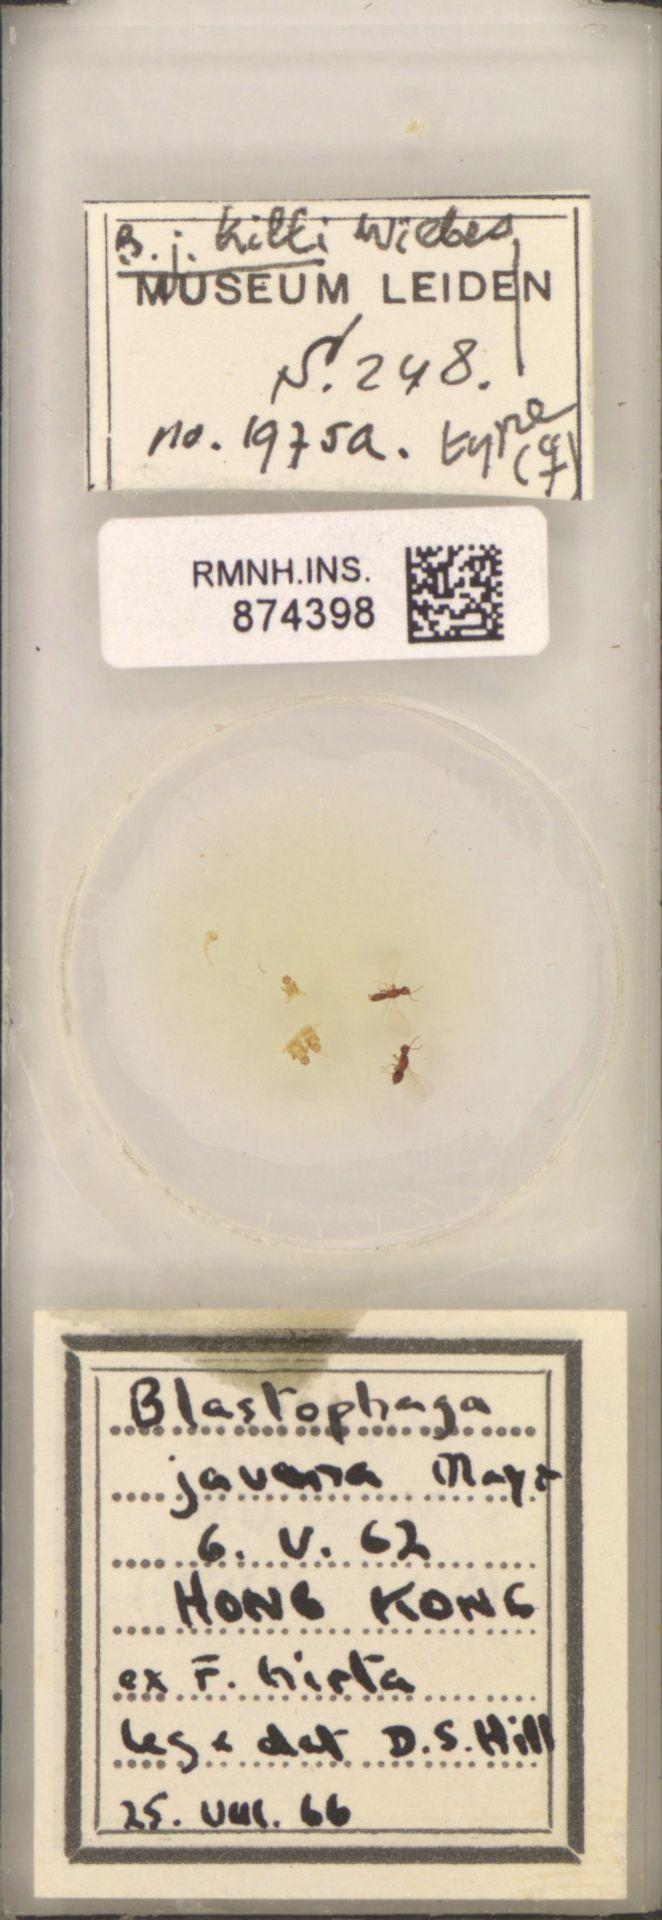 RMNH.INS.874398 | Blastophaga javana Mayr